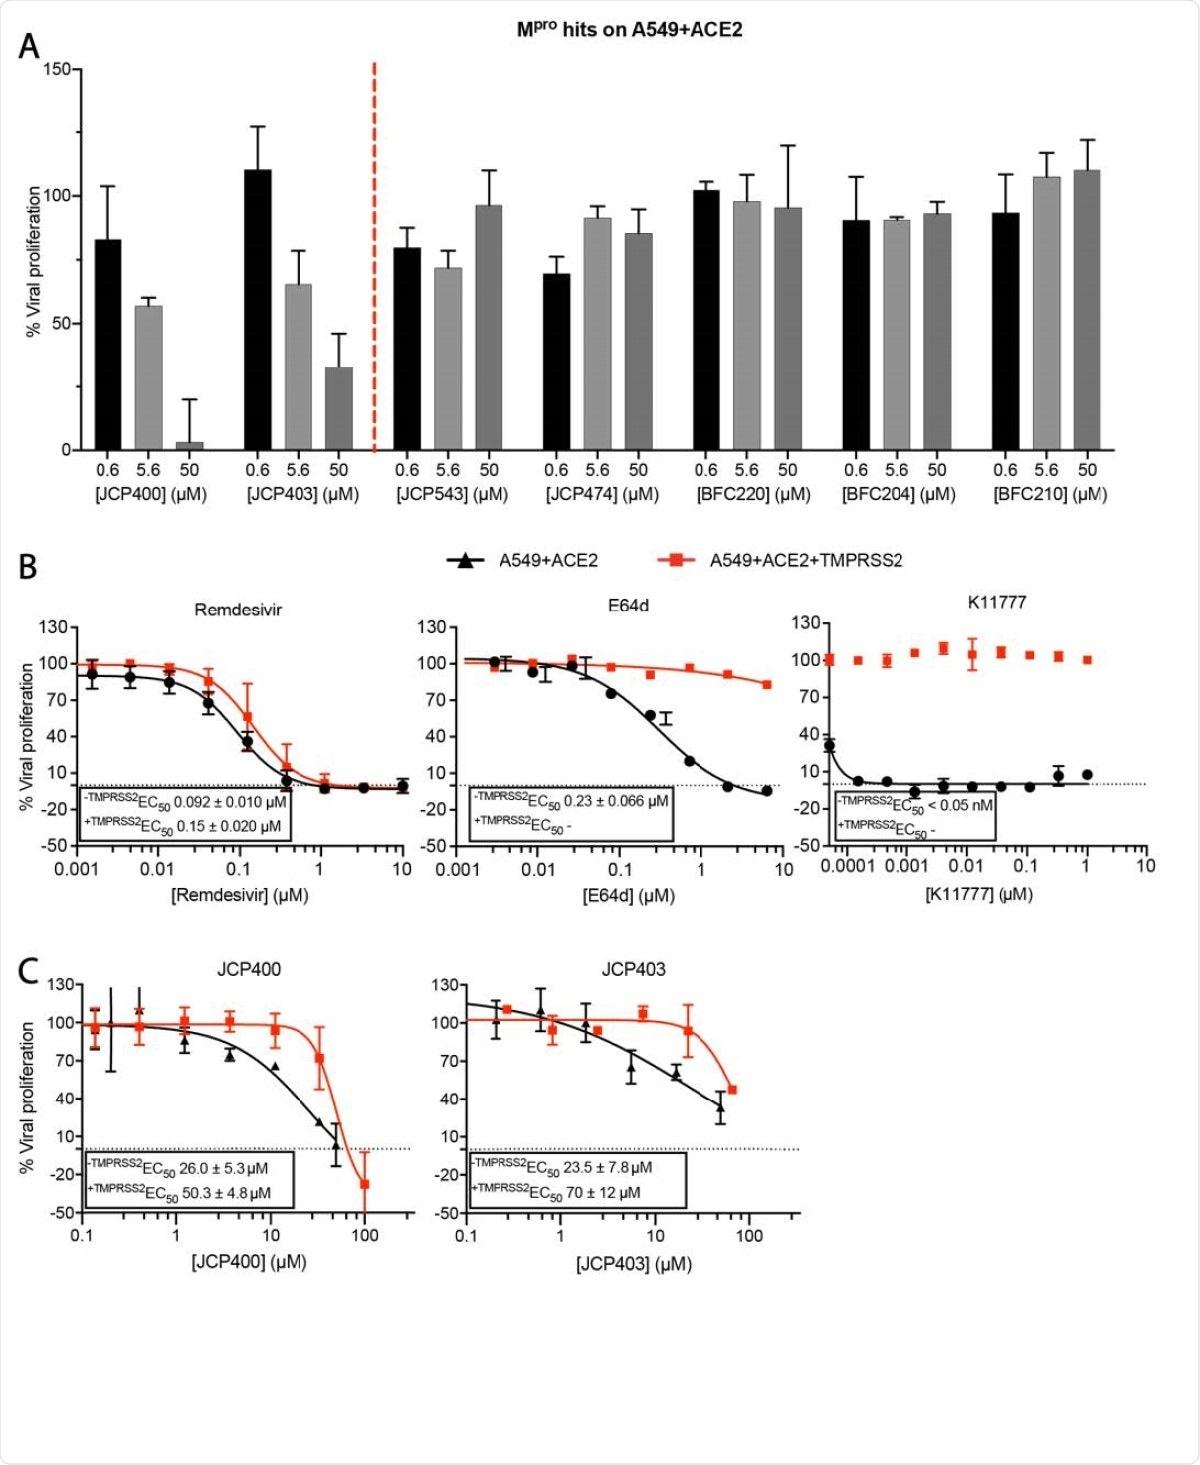 Potencia de los aciertos de Mpro en ensayos de infección celular por SARS-CoV-2.  A) Dos de los seis inhibidores de Mpro recientemente identificados son activos en el modelo de infección A549 + ACE2.  B) Curvas de inhibición del SARS-CoV-2 de Remdesivir, E64d y K11777 en células A549 + ACE2 con o sin expresión de TMPRSS2.  C) Curvas de inhibición de SARS-CoV-2 de los inhibidores de Mpro JCP400 y JCP403 en células A549 + ACE2 con o sin expresión de TMPRSS2.  Los datos son medias ± DE de dos experimentos repetidos.